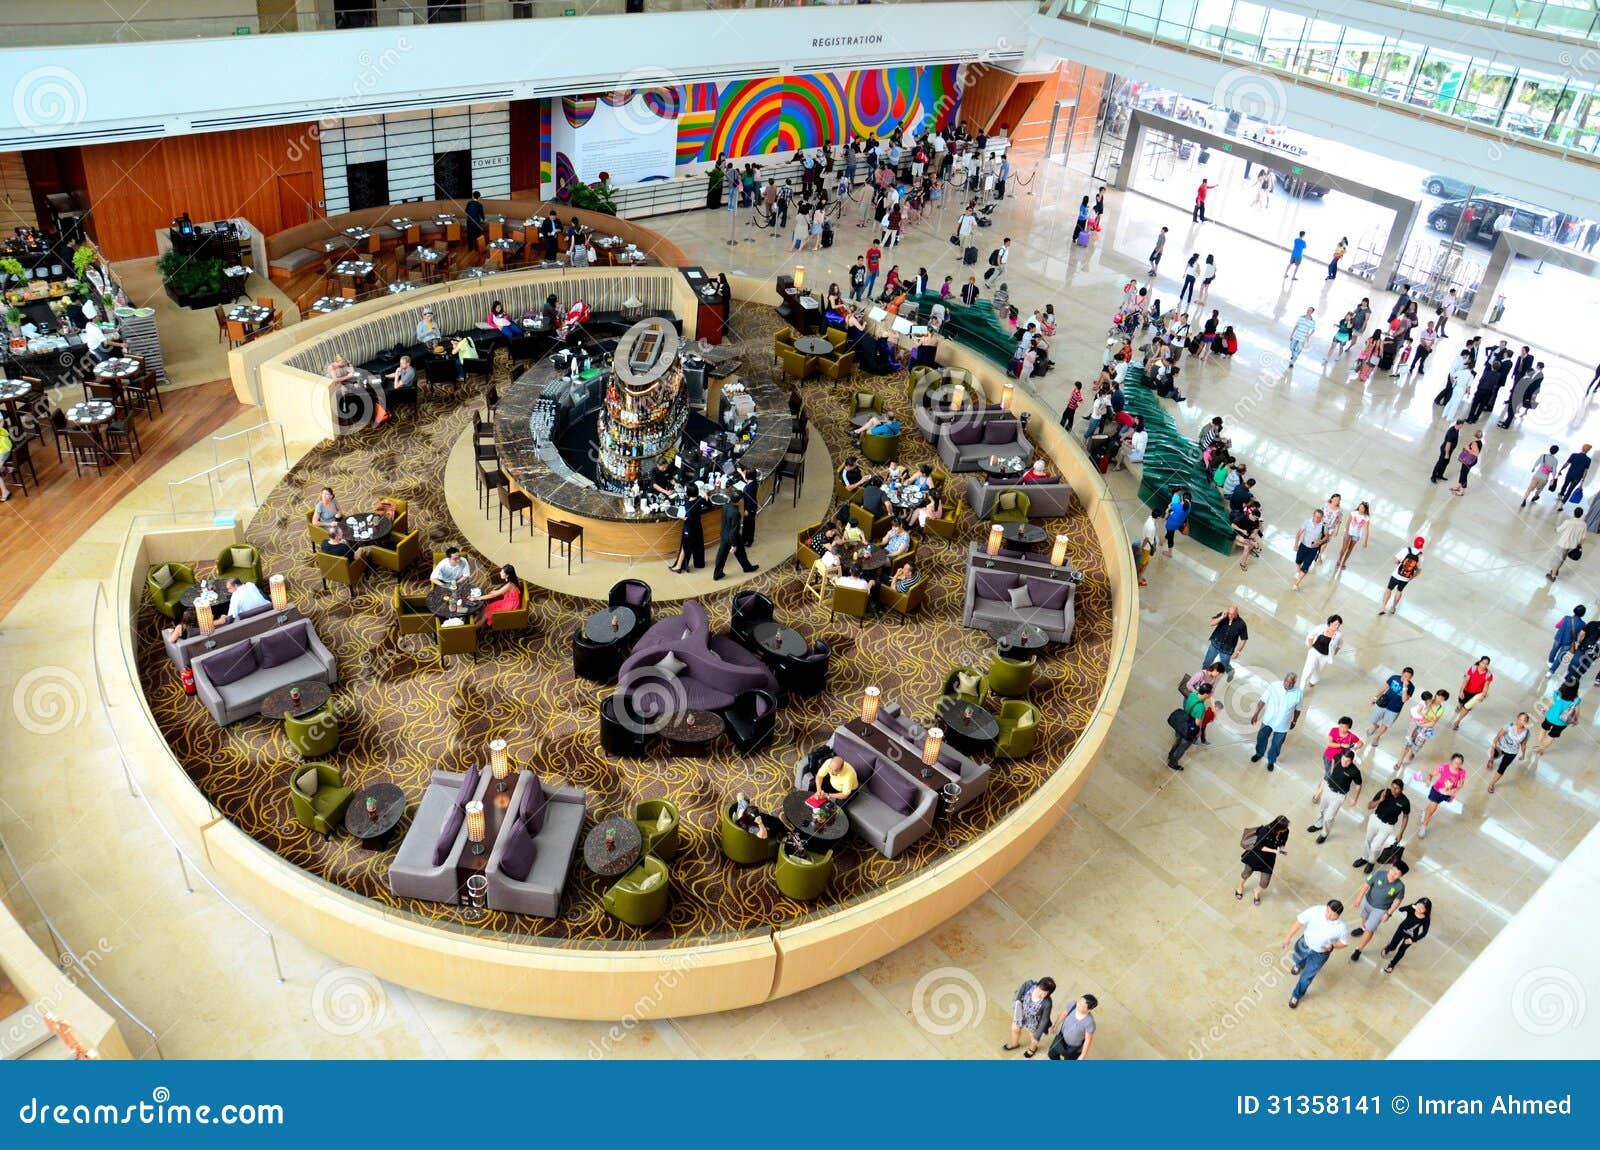 Marina Bay Sands Hotel Lobby Singapore Editorial Photo